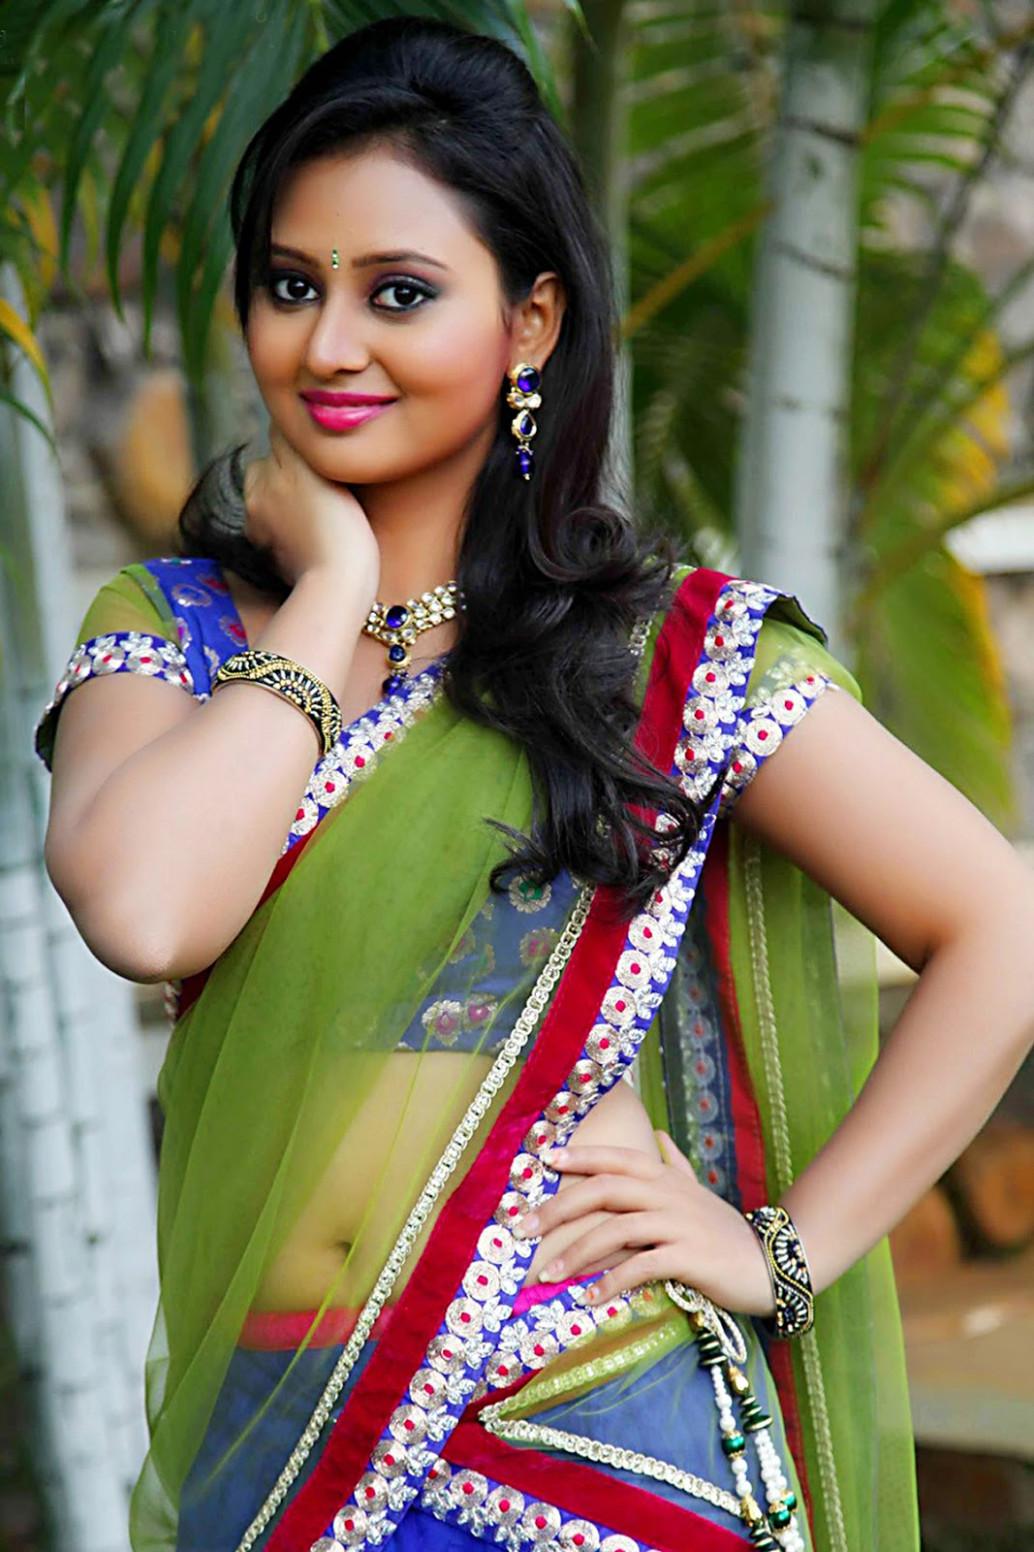 Saree Tamil Actress Hd Wallpapers 1080P / Saree 4k ...